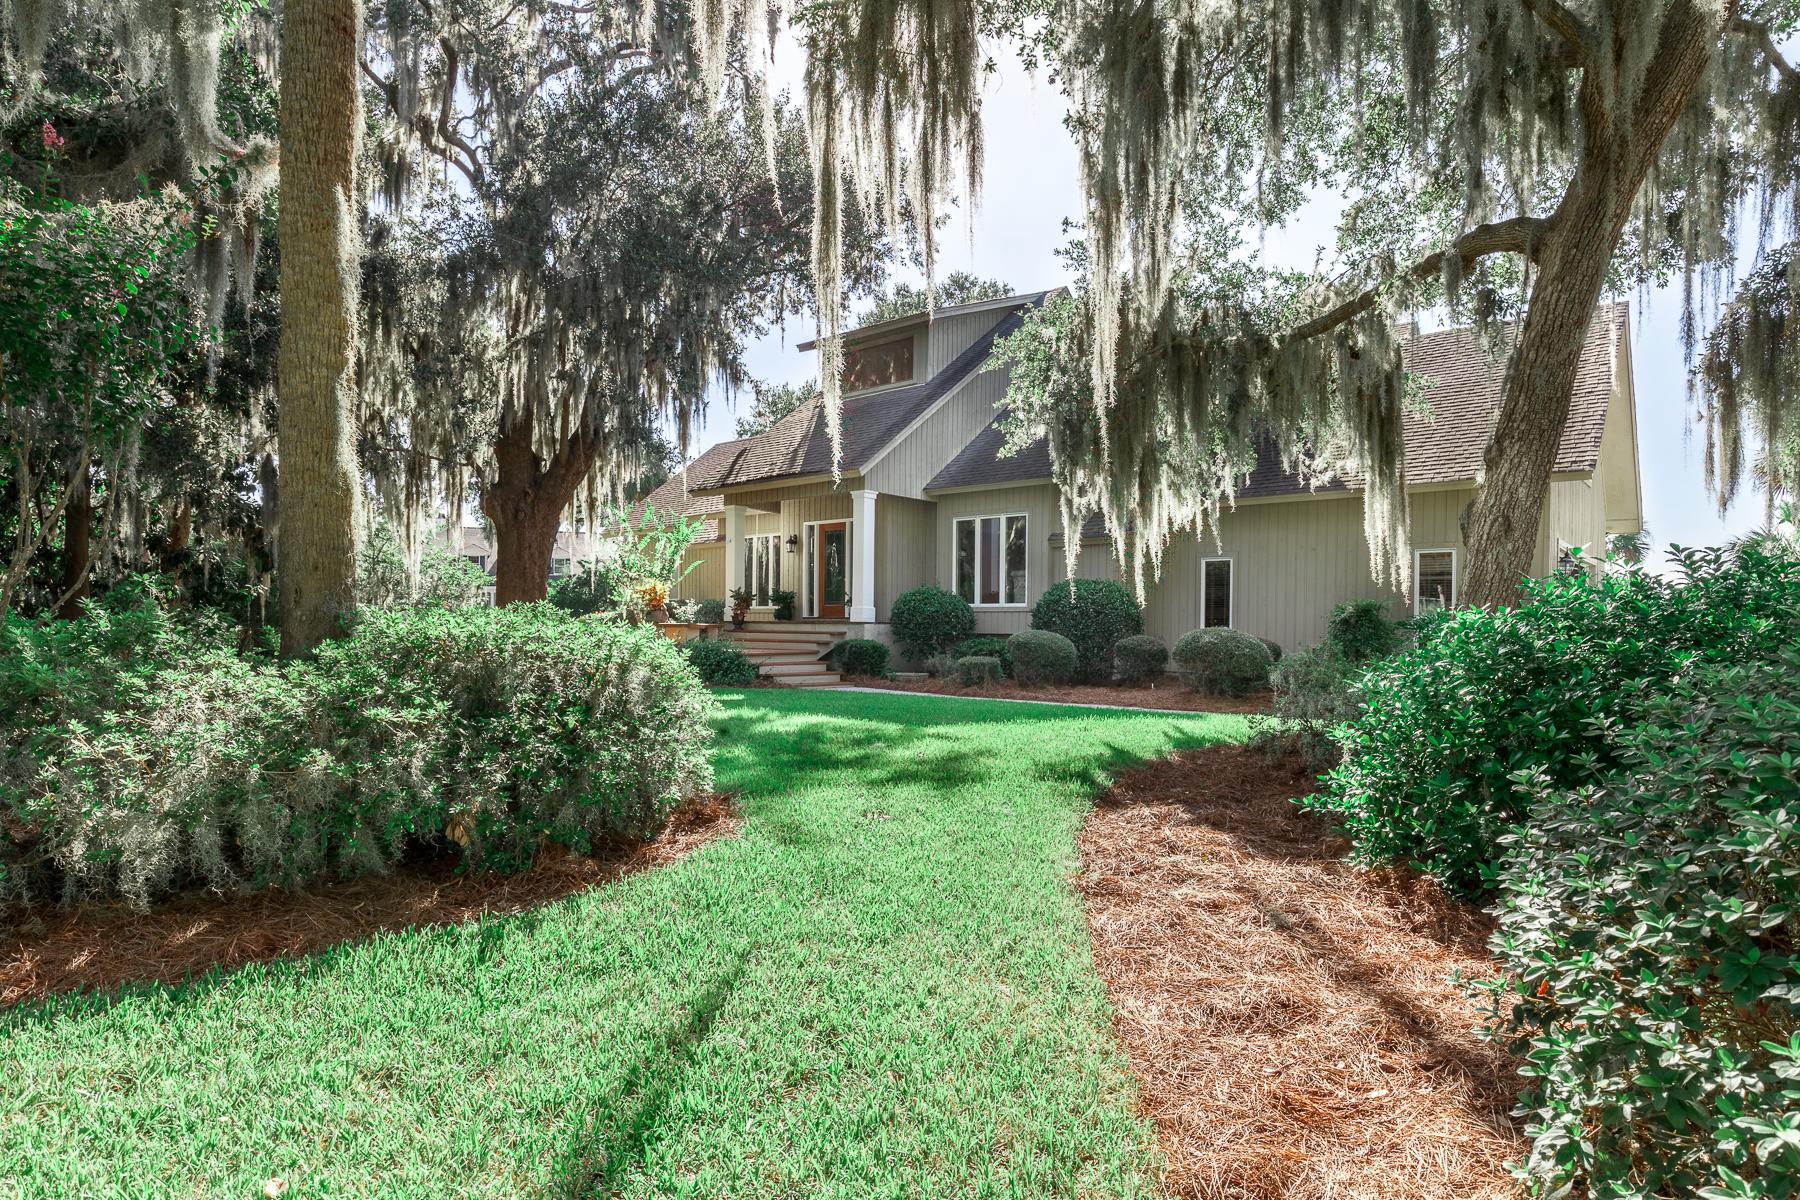 Частный односемейный дом для того Продажа на 6 Wylly Island Savannah, Джорджия, 31406 Соединенные Штаты